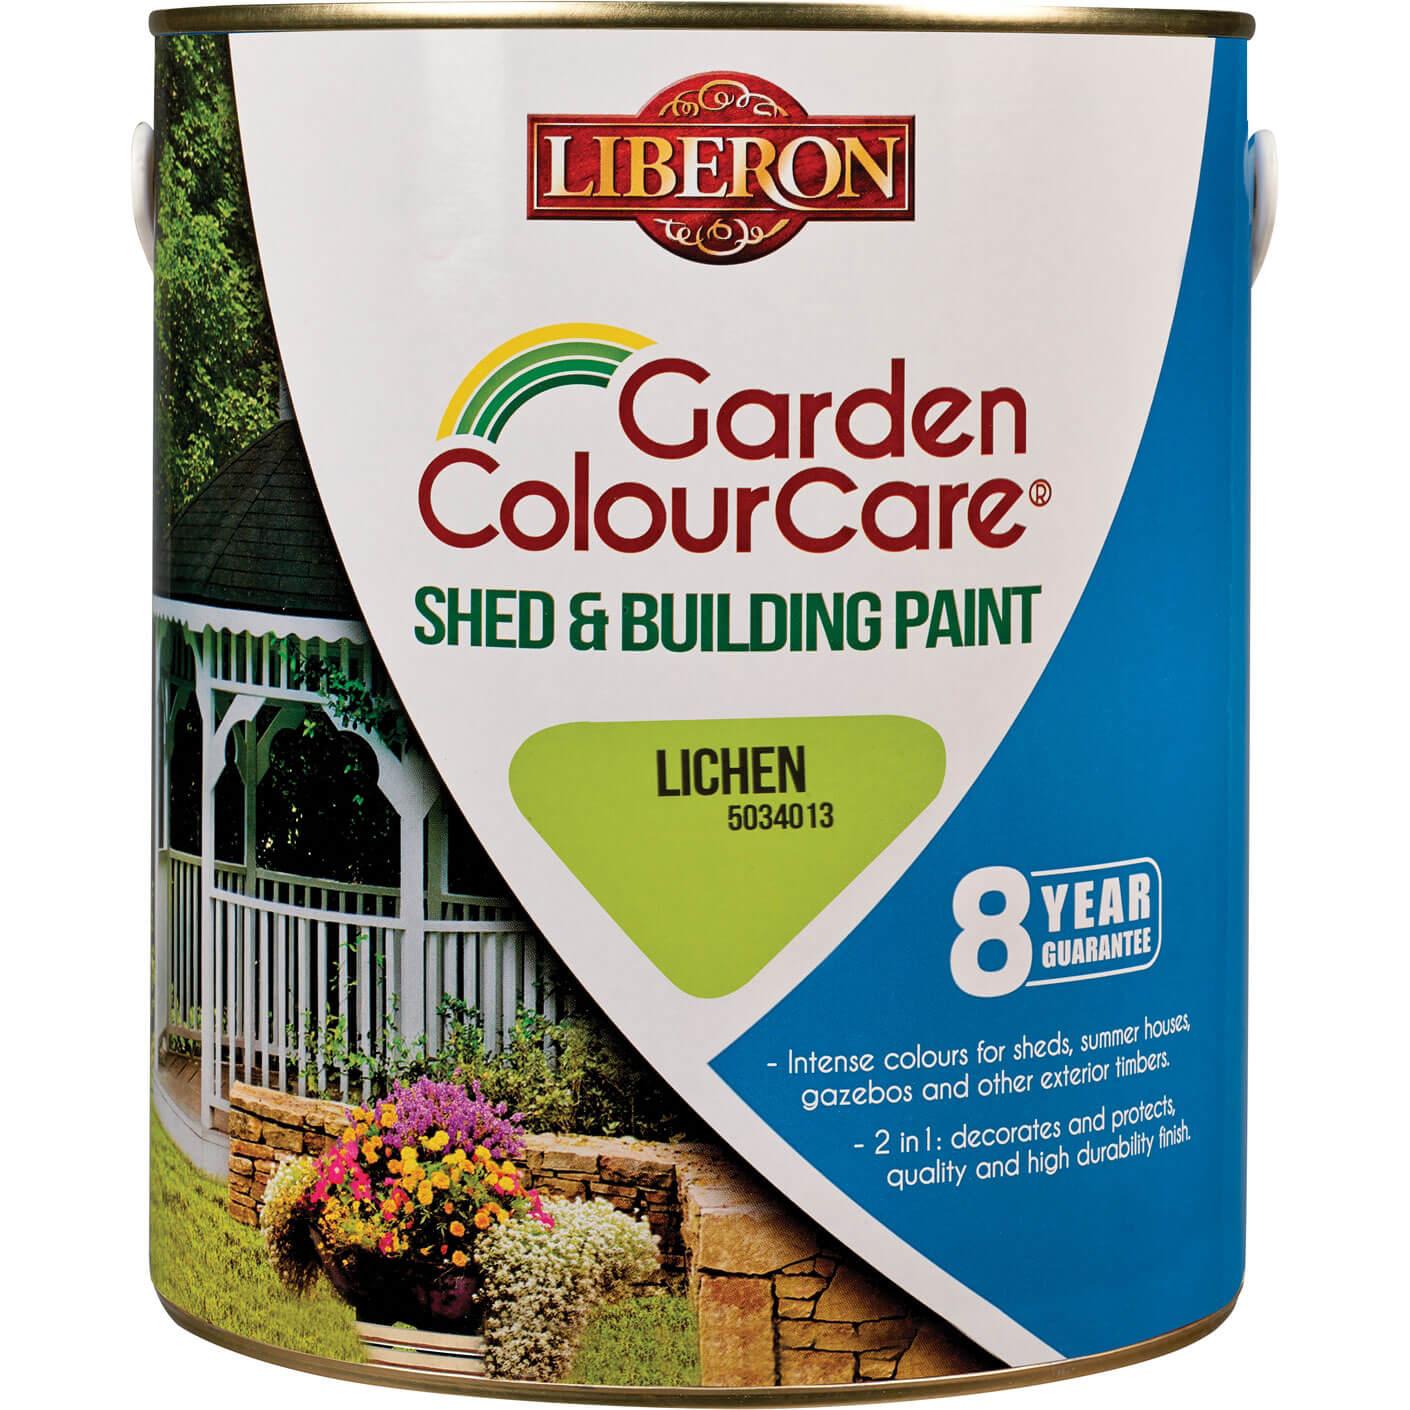 Liberon Shed & Building Exterior Paint Lichen 2.5l